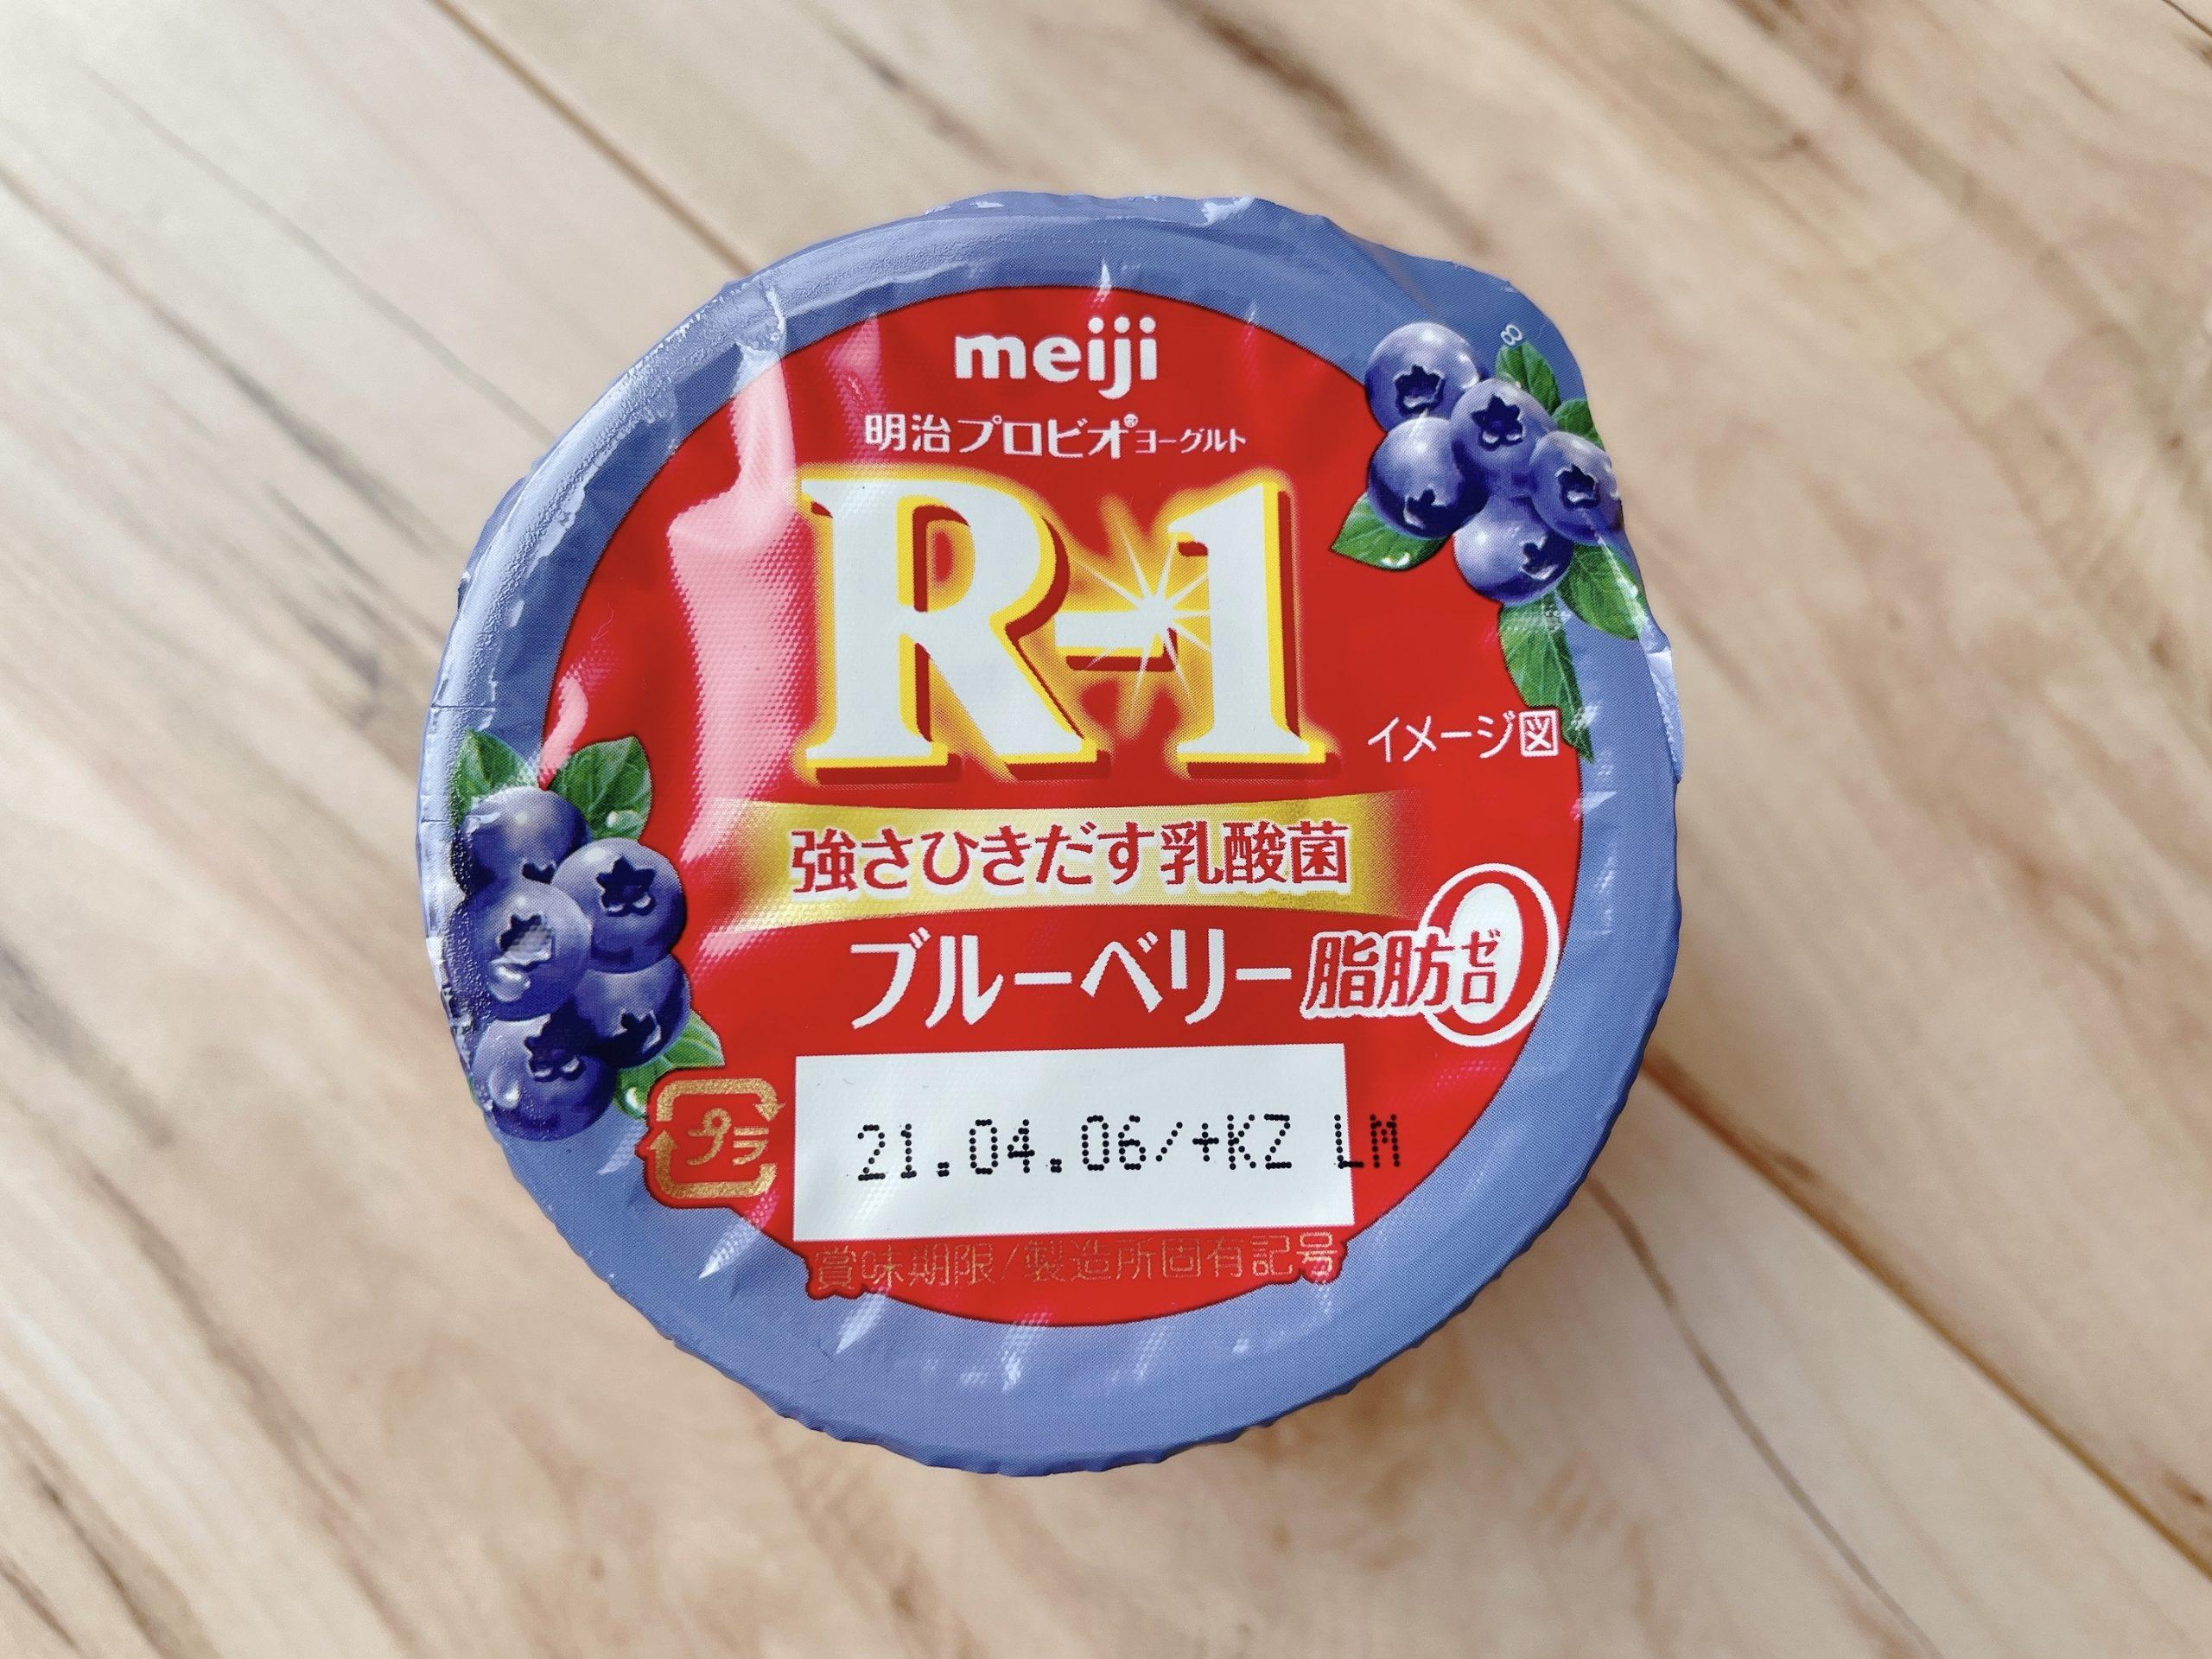 R-1ヨーグルトブルーベリーのパッケージ